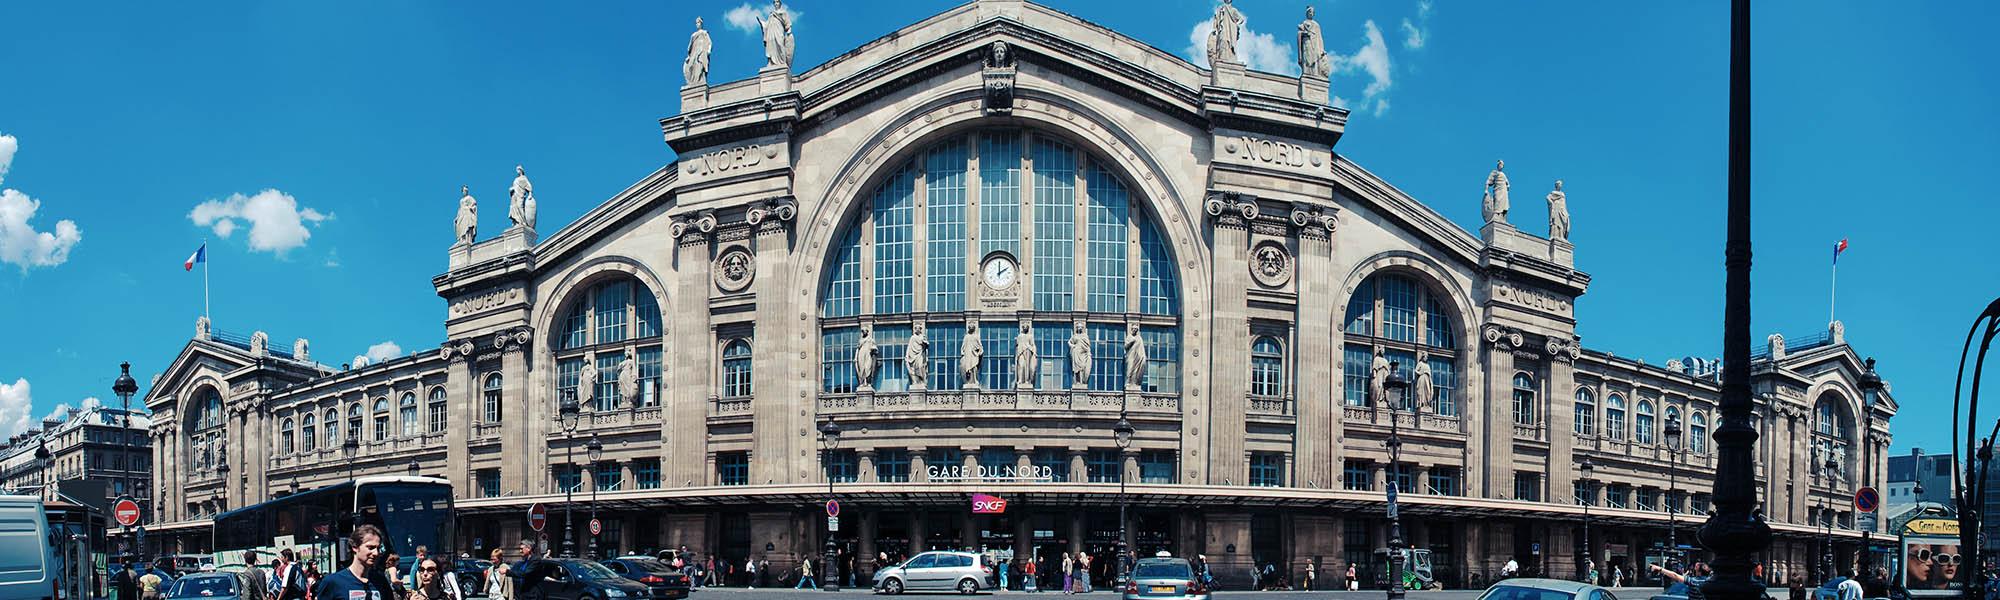 Huur een zaal Gare du Nord